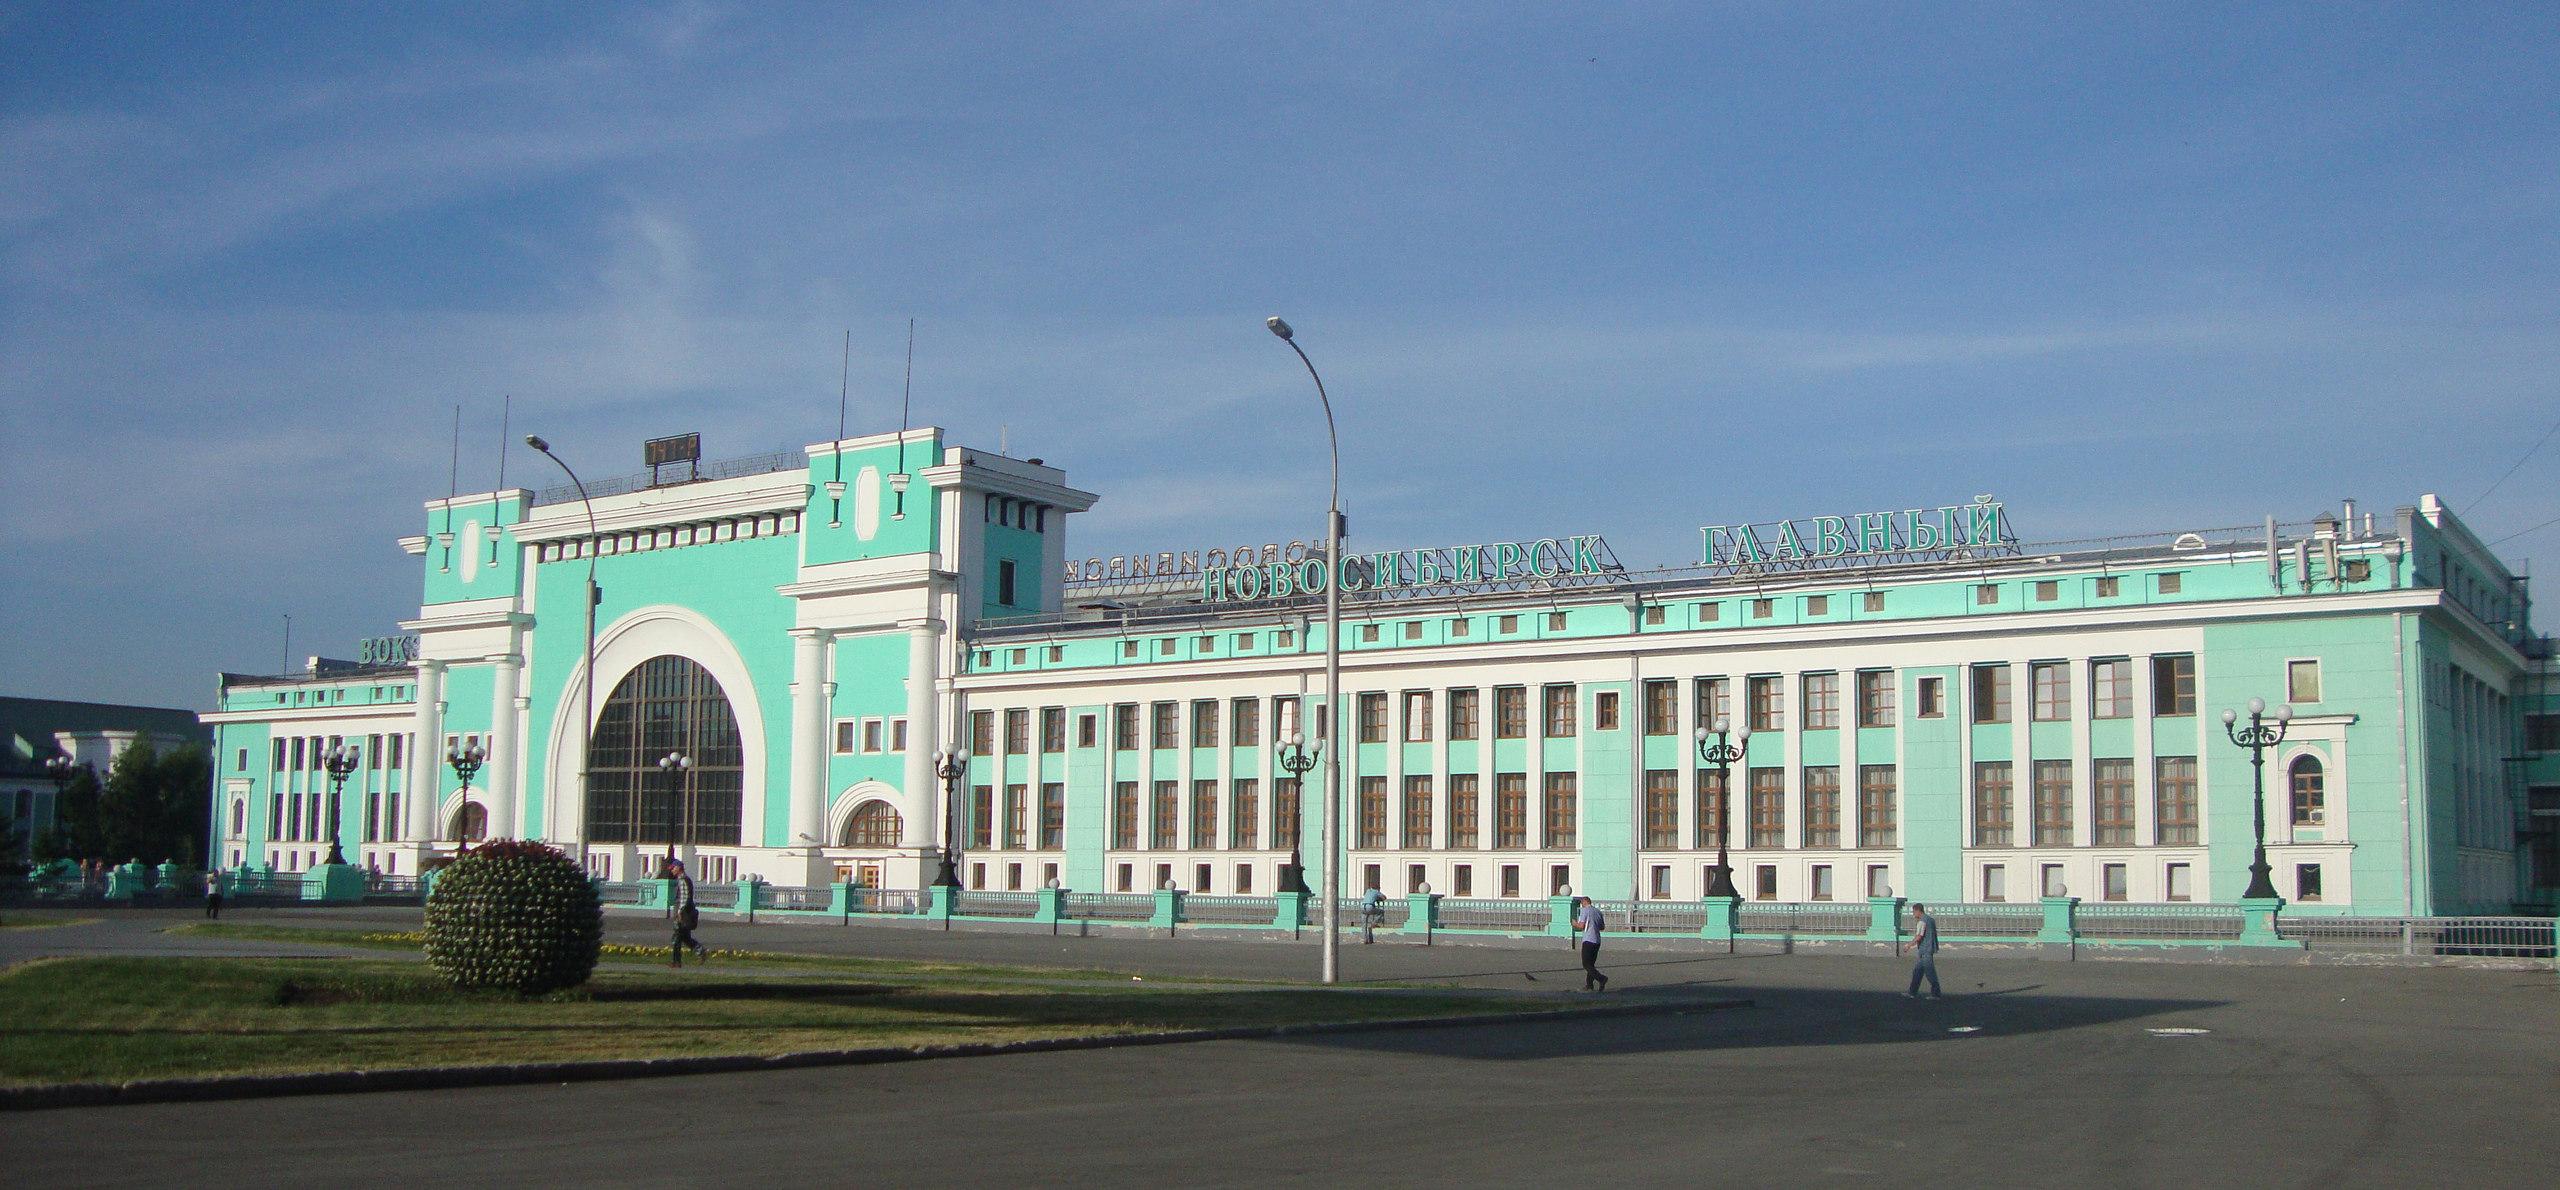 Как добраться до вокзала «Новосибирск-Главный»?